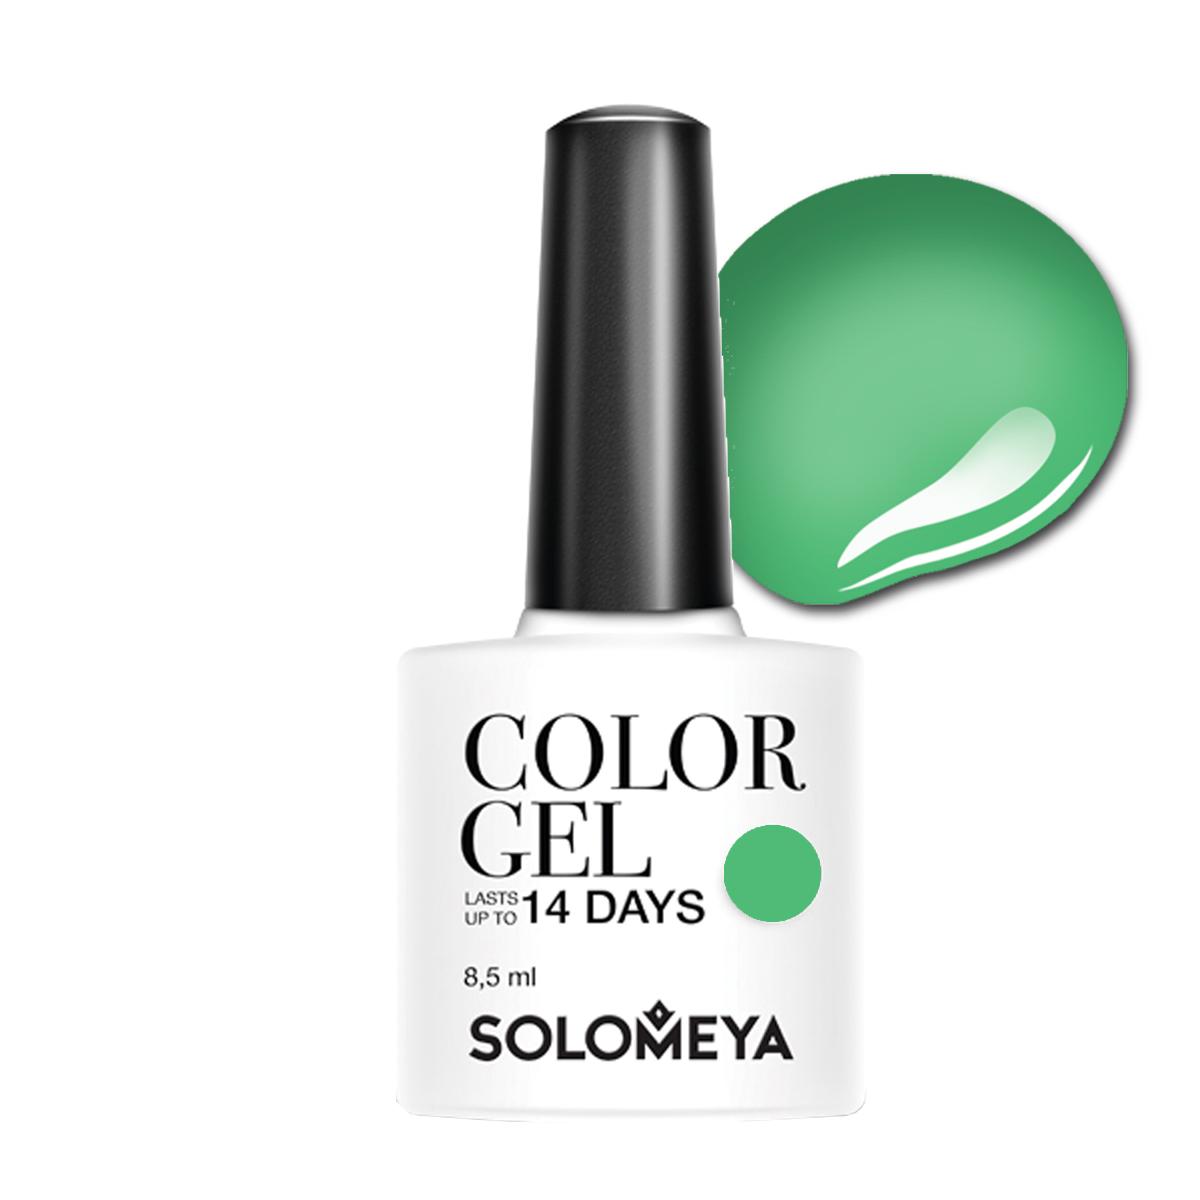 SOLOMEYA Гель-лак для ногтей SCG040 Природная зелень / Color Gel Natural Green 8,5мл гель лак для ногтей solomeya color gel beret scg034 берет 8 5 мл